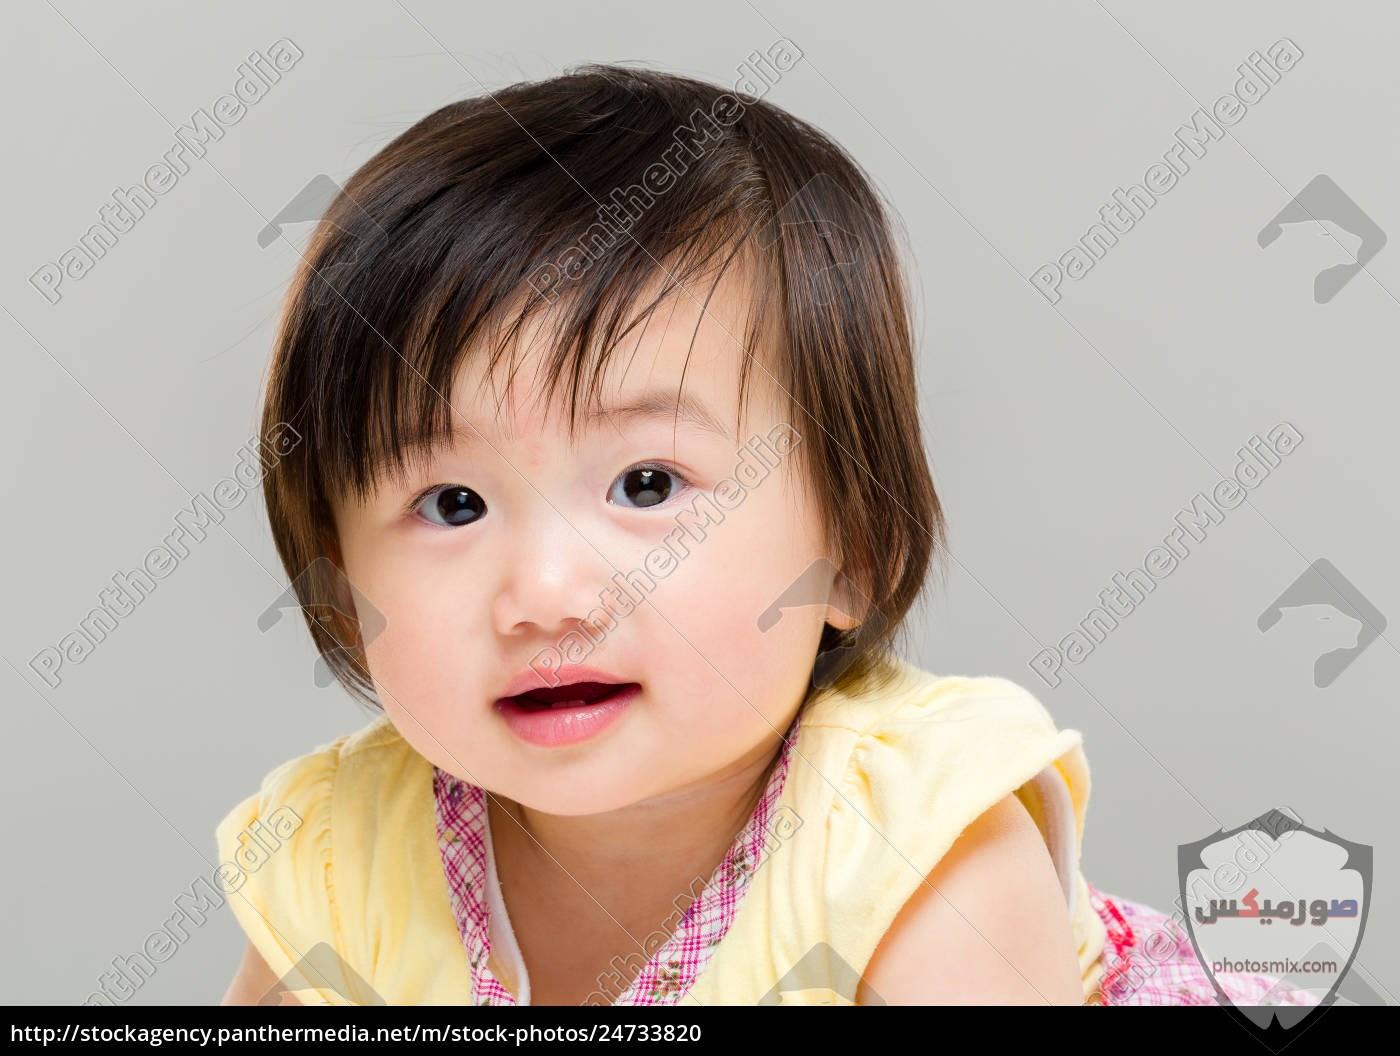 صور اطفال 2021 تحميل اكثر من 100 صور اطفال جميلة صور اطفال روعة 2020 66 1